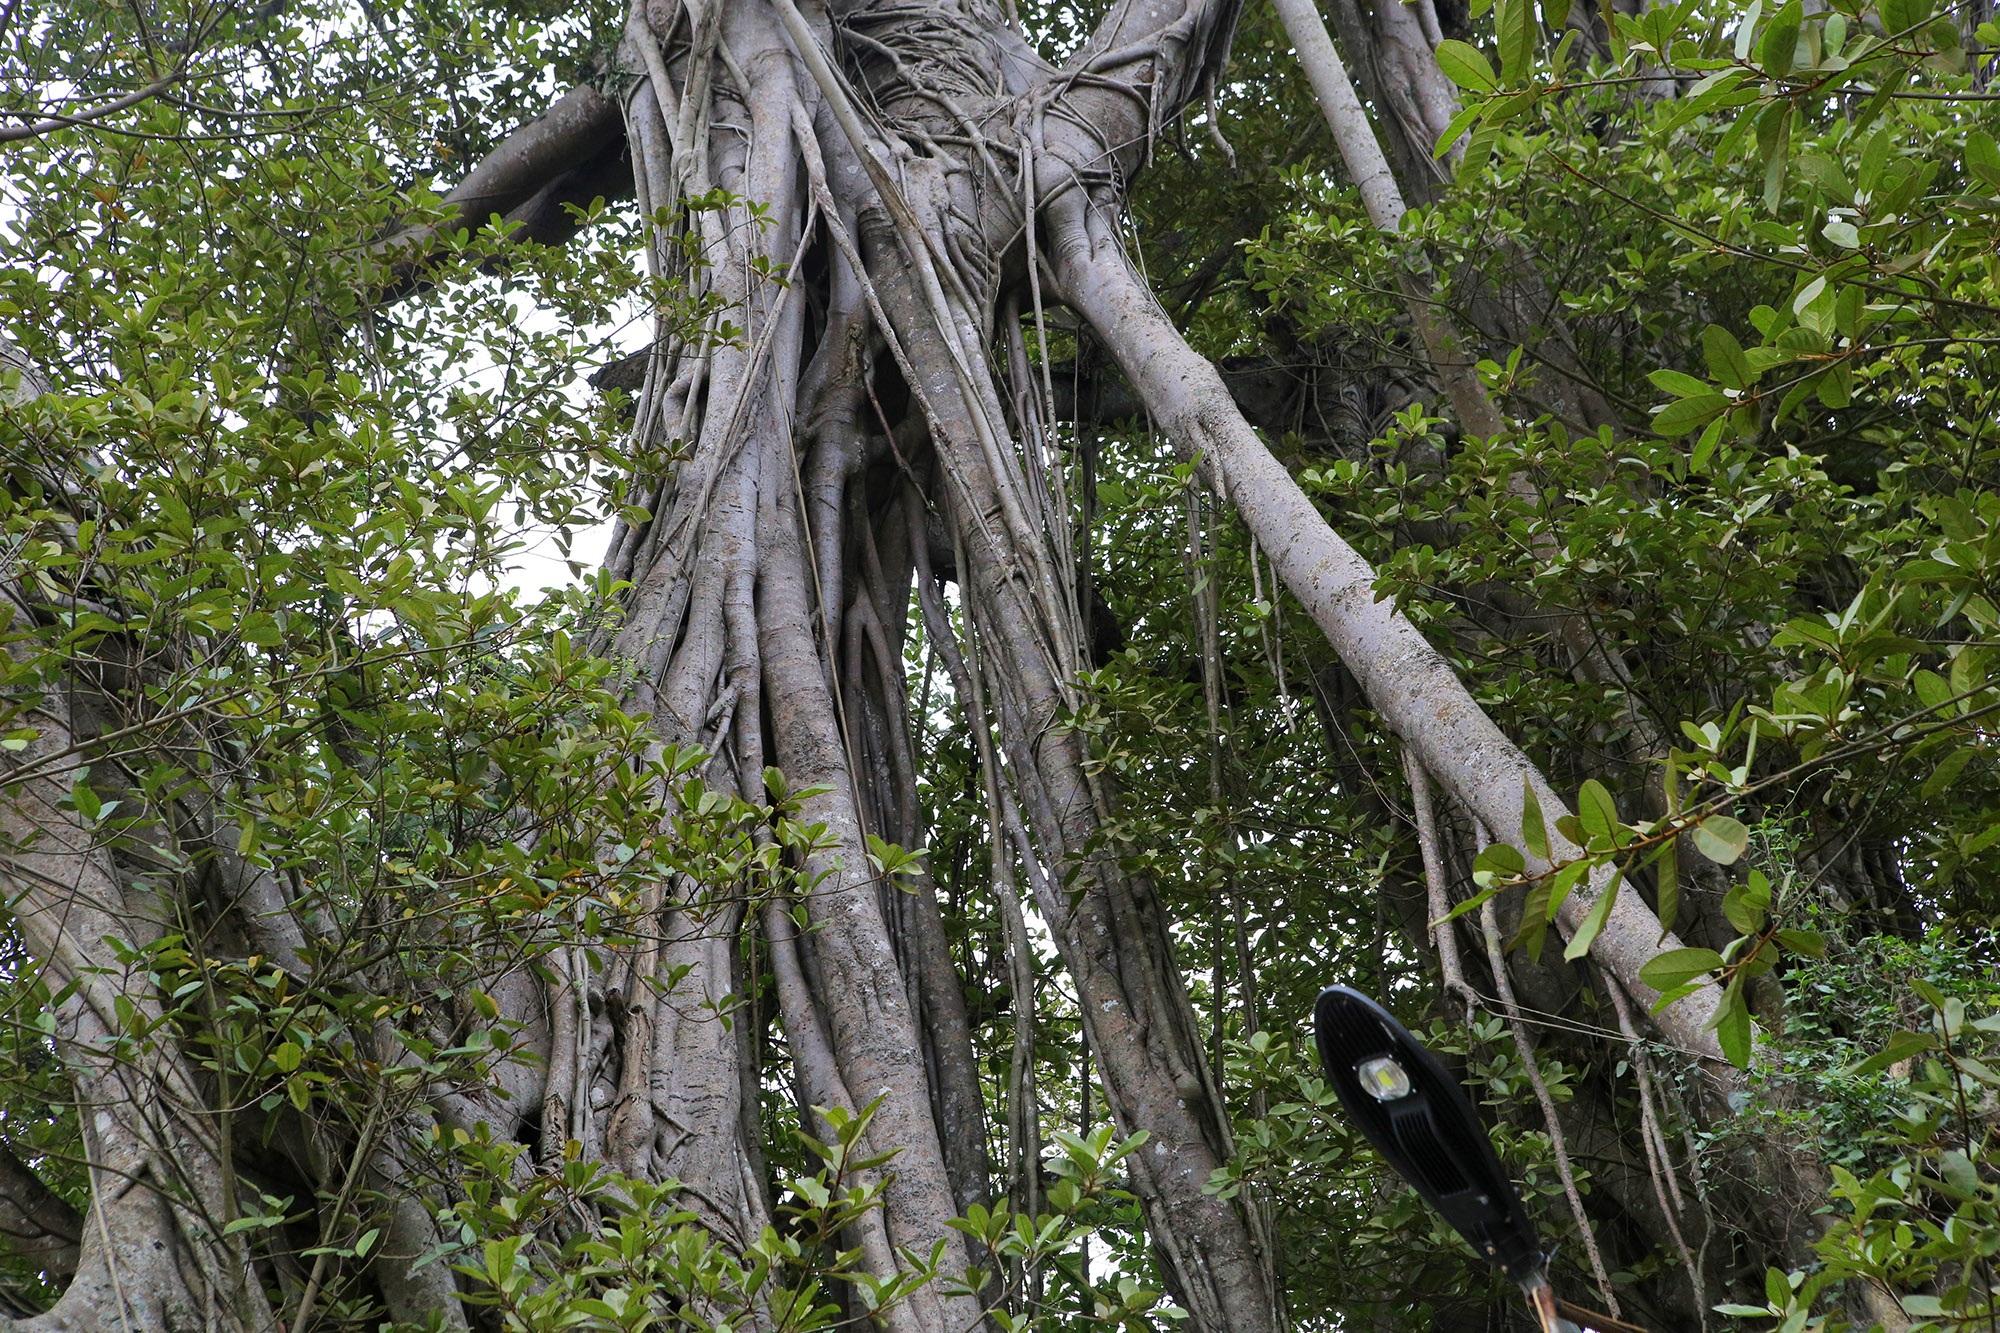 Chuyện ít người biết về cây đa khổng lồ ở xã Viên Nội - 13